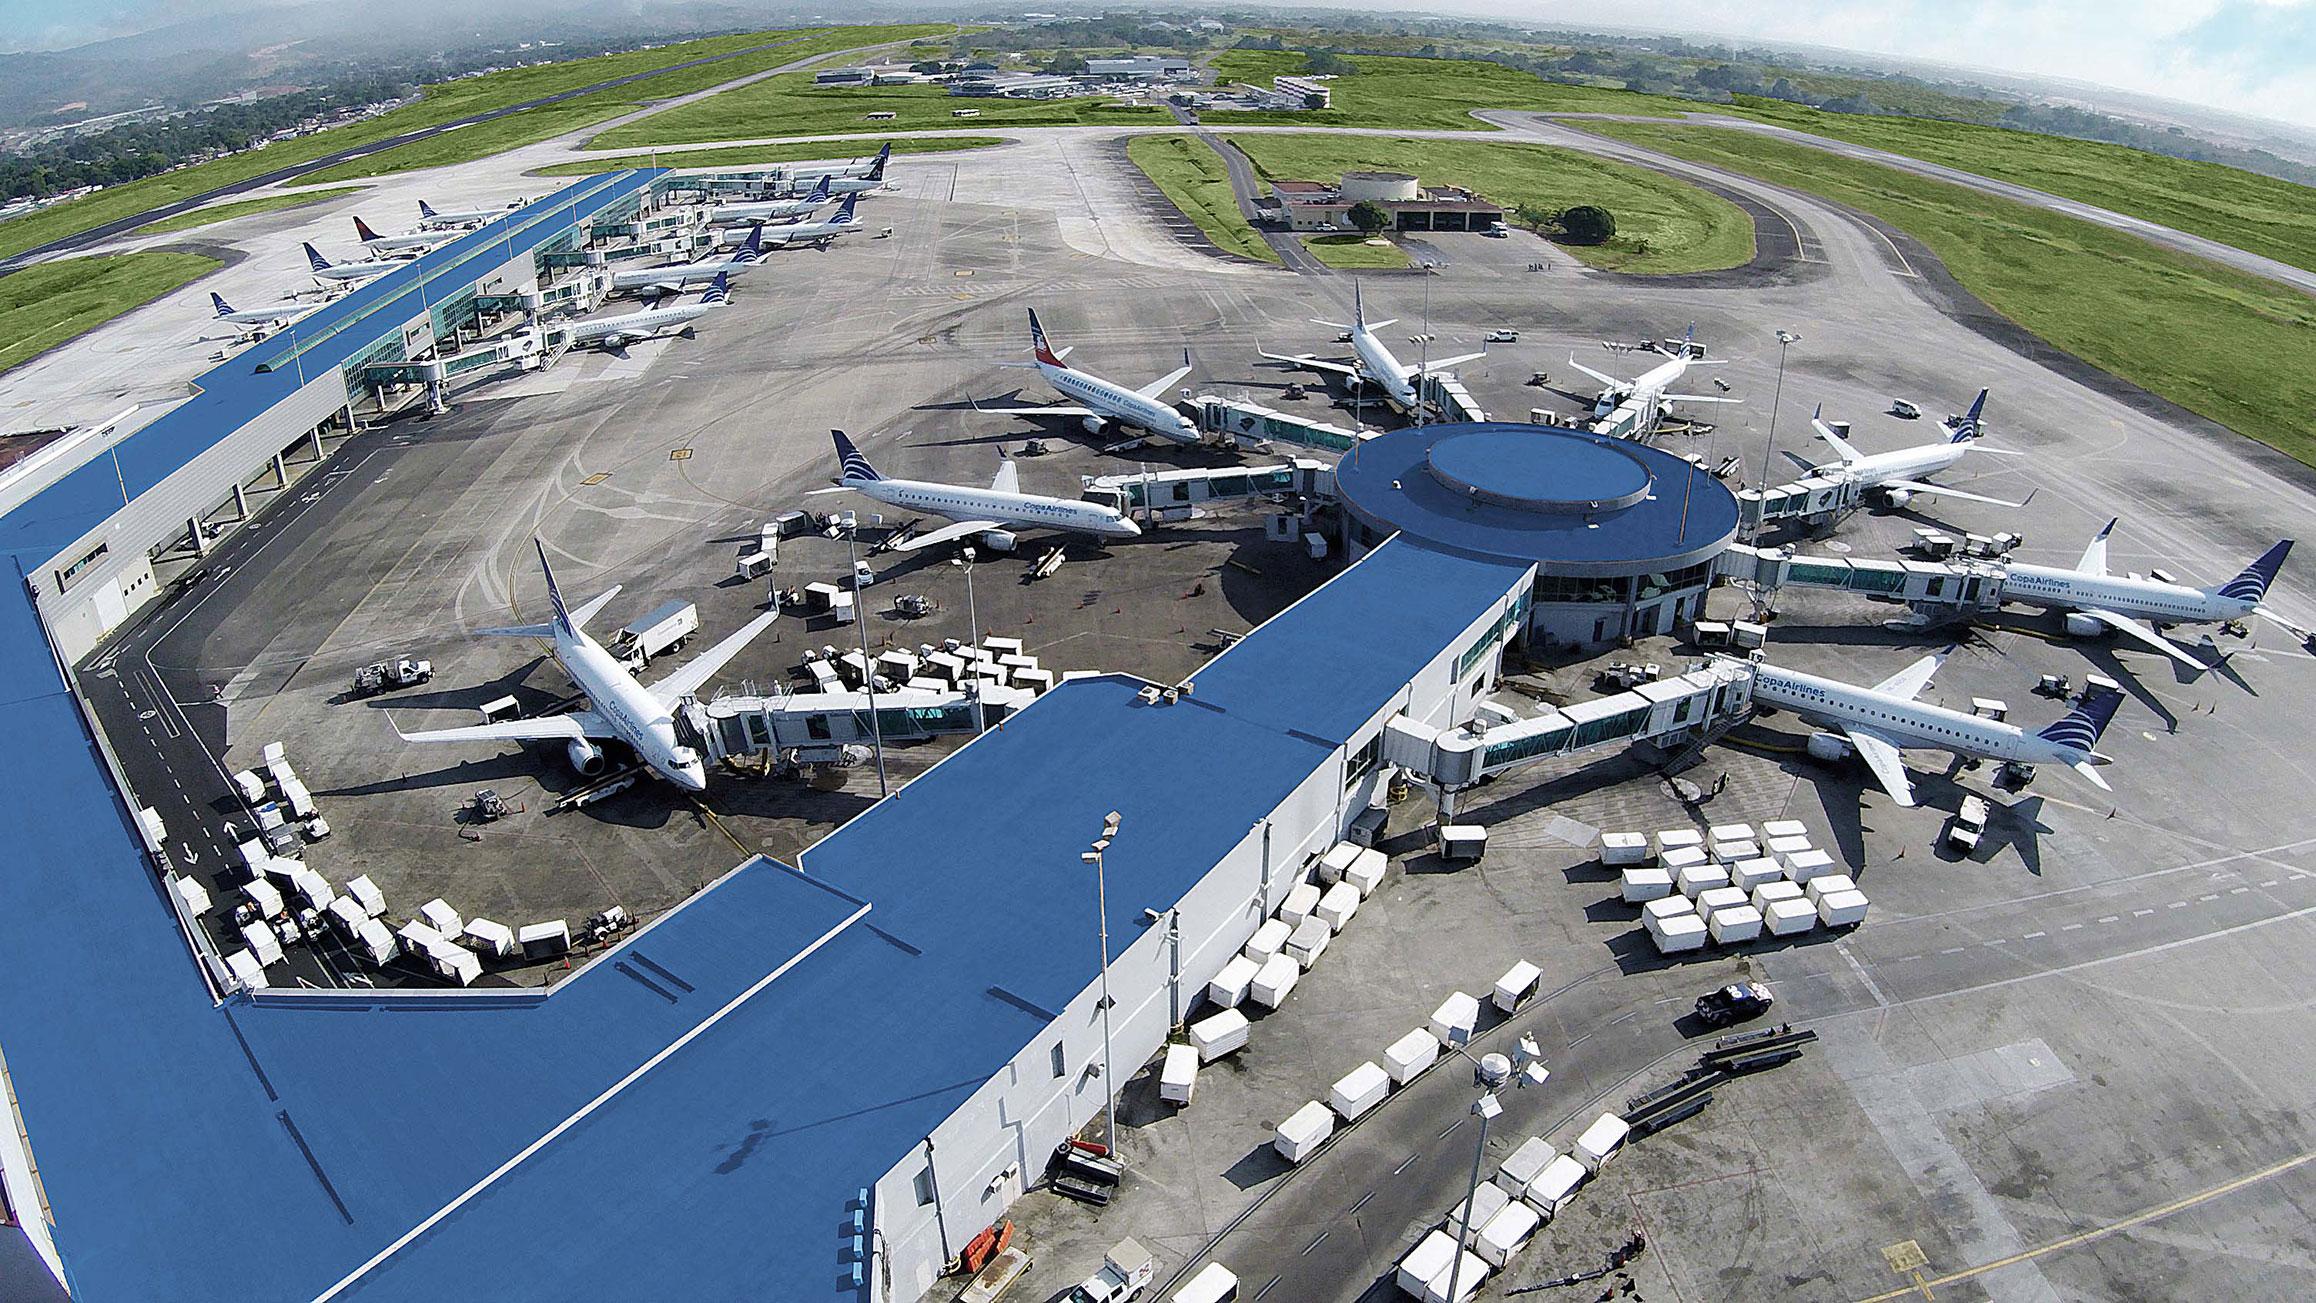 Denver se convierte en el destino 13 de Copa Airlines en EEUU